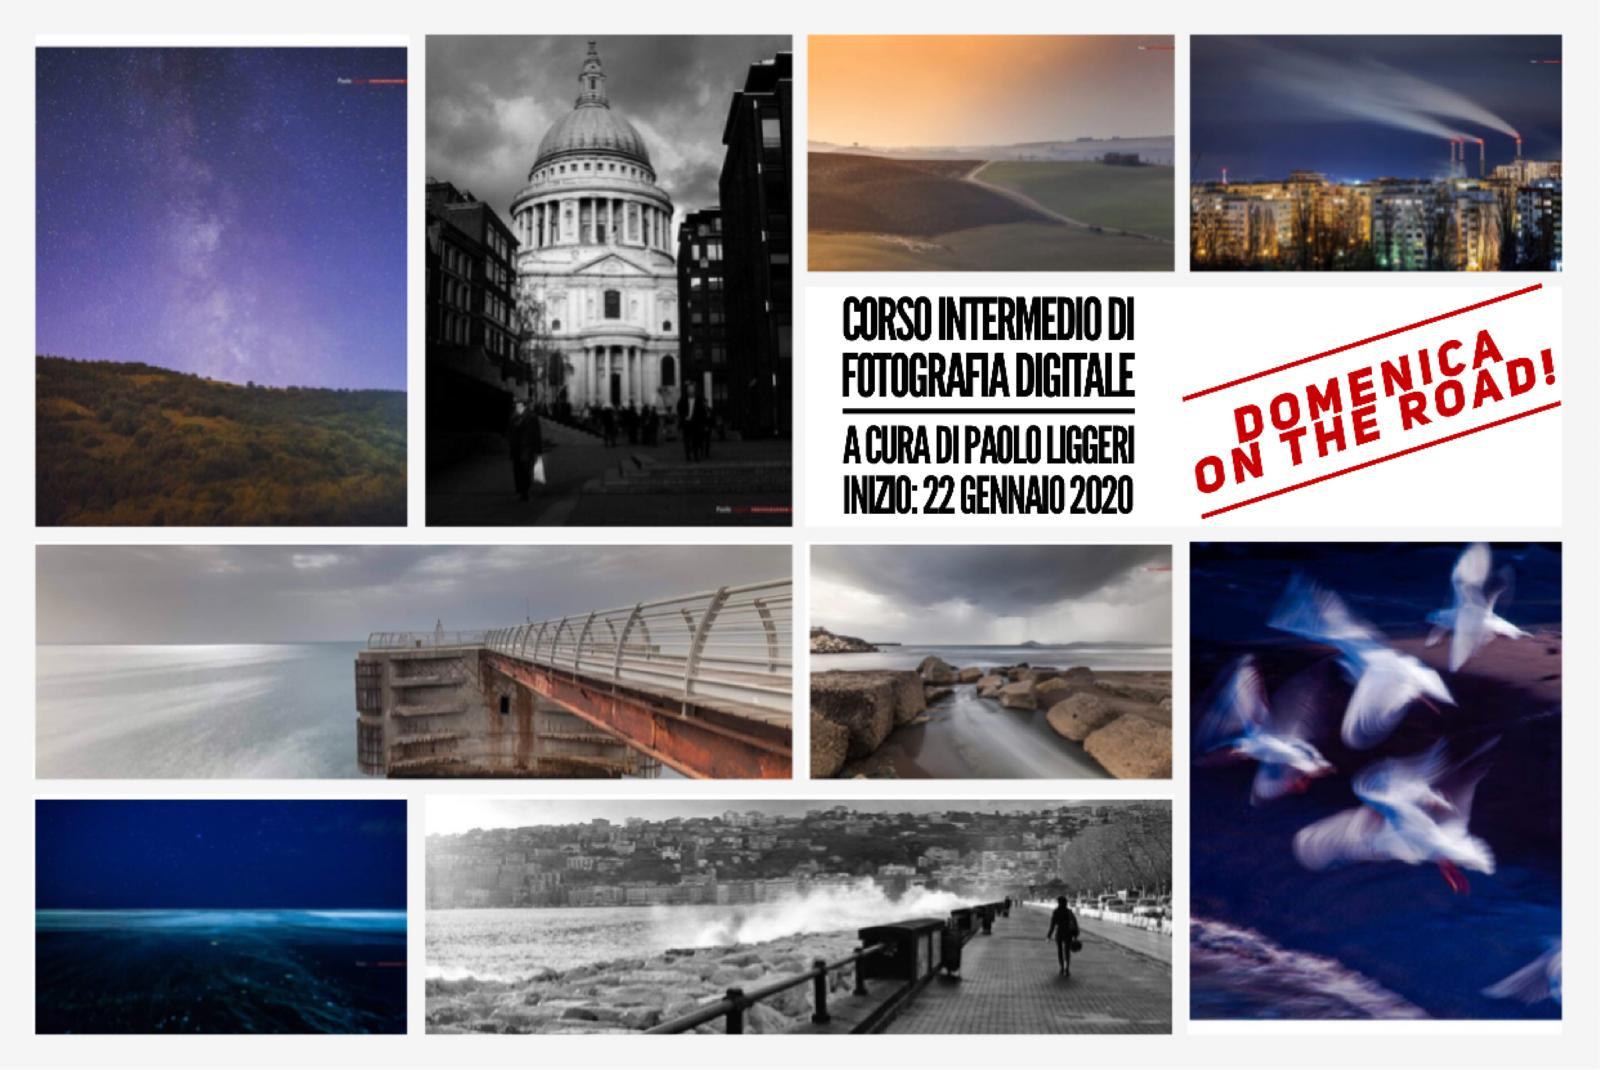 corso intermedio di fotografia a Napoli | inizio 22 gennaio 2020